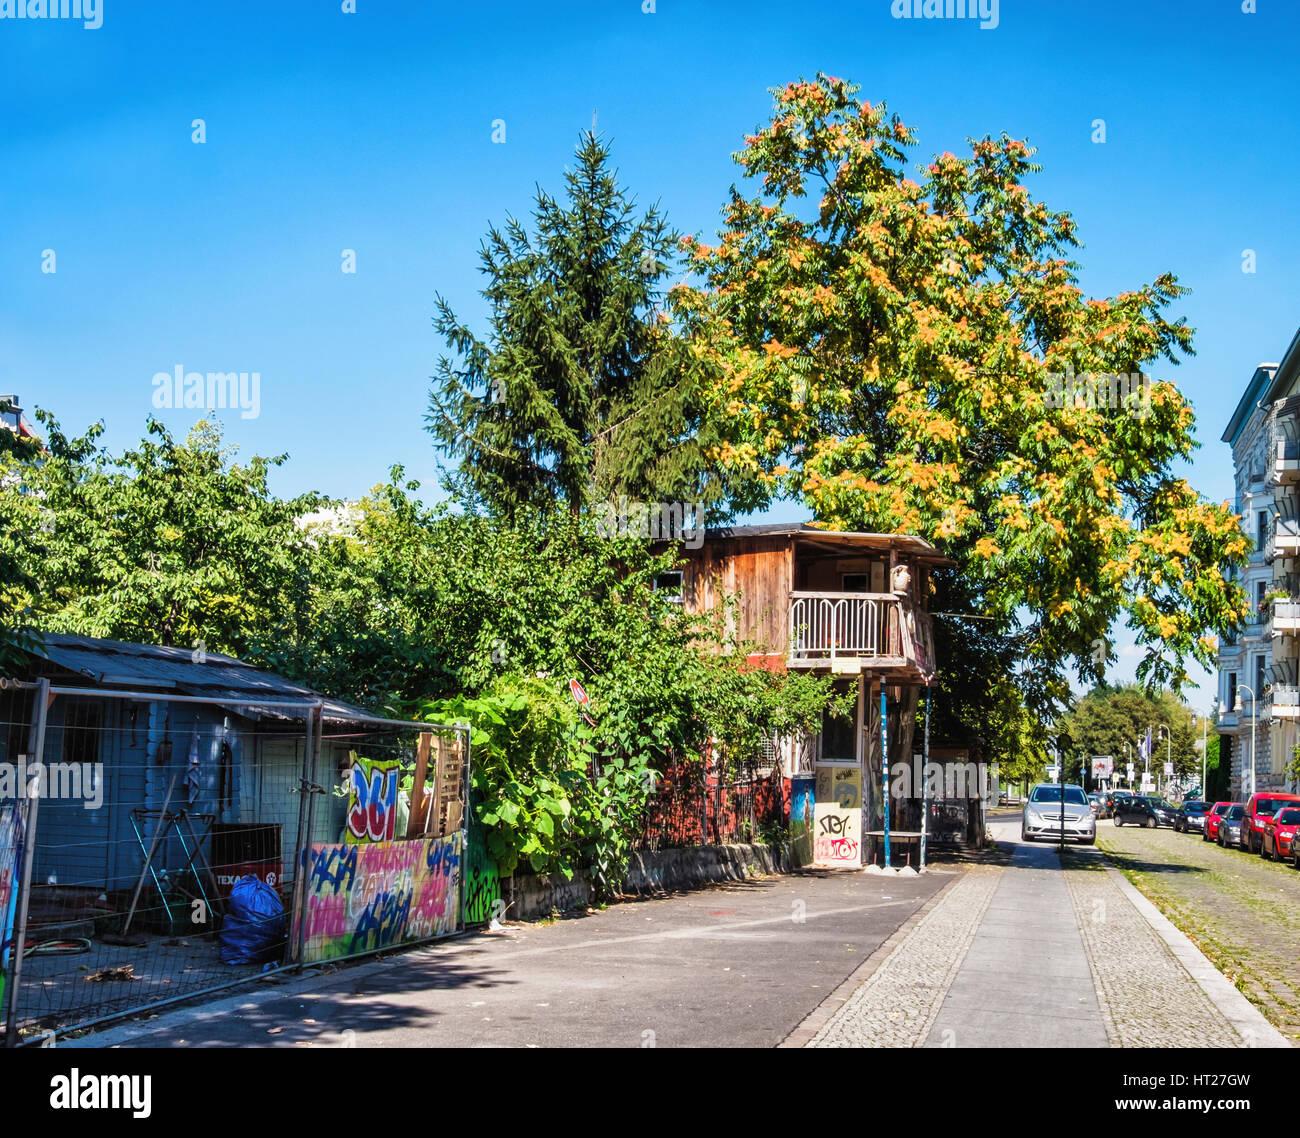 Berlin,Kreuzberg.Baumhaus Der Mauer Garten, Baum-Haus An